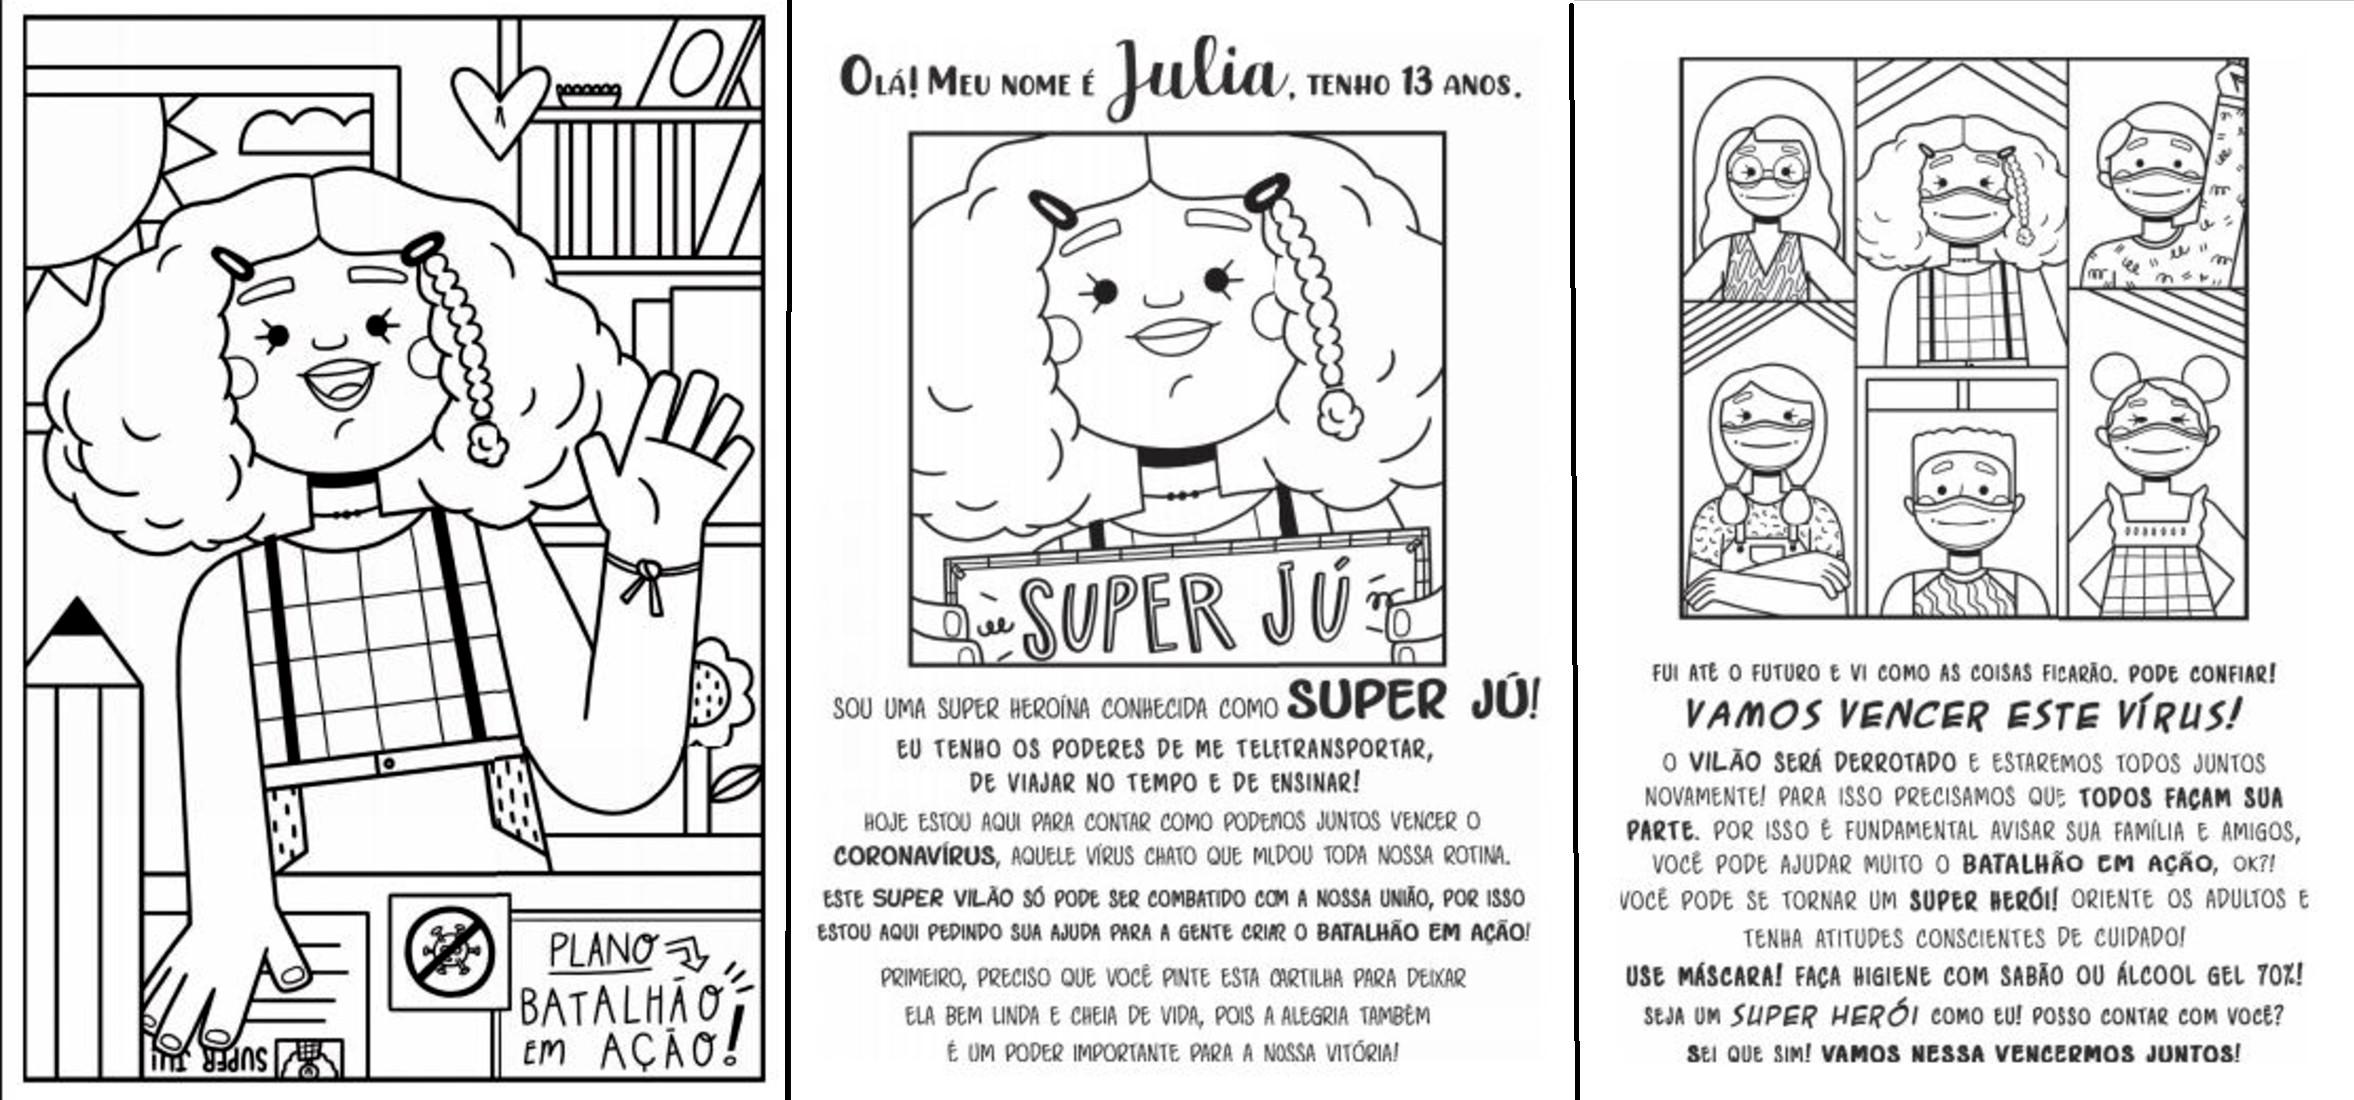 Grupo cria cartilha de colorir para crianças com dicas sobre prevenção à Covid-19